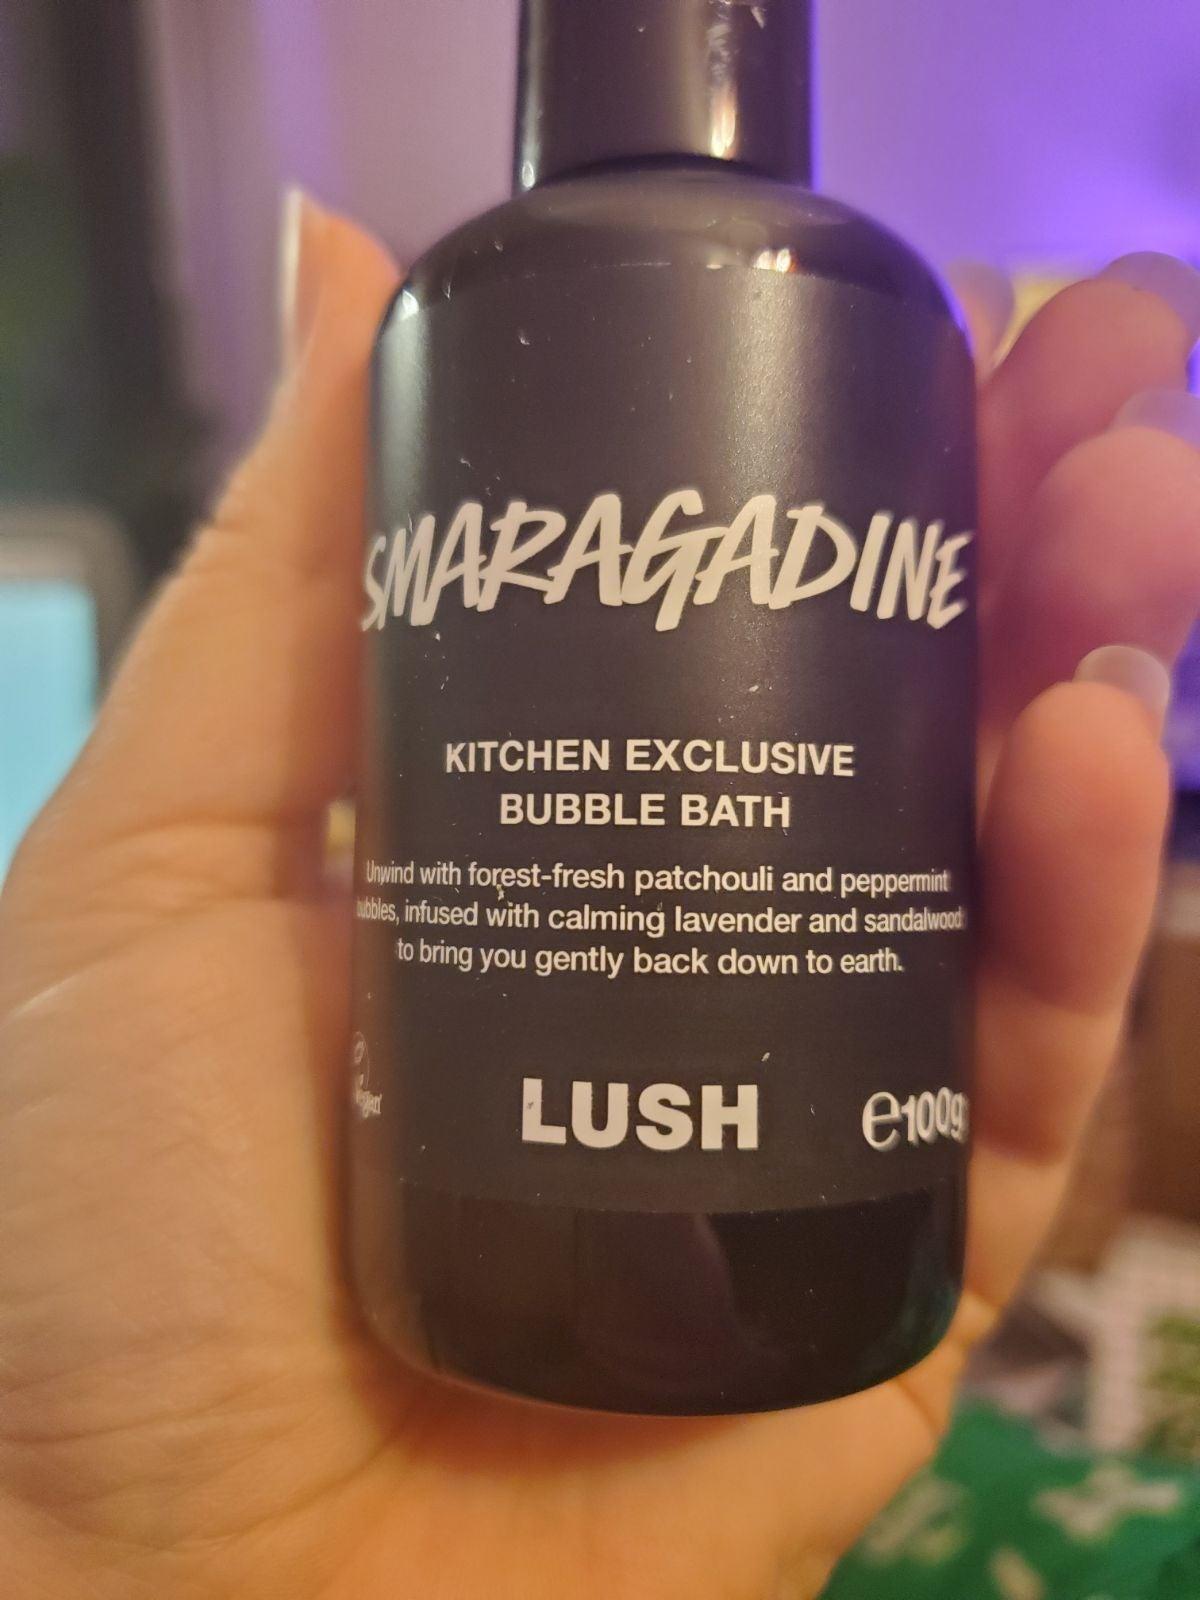 Lush Smaragadine Bubble Bath